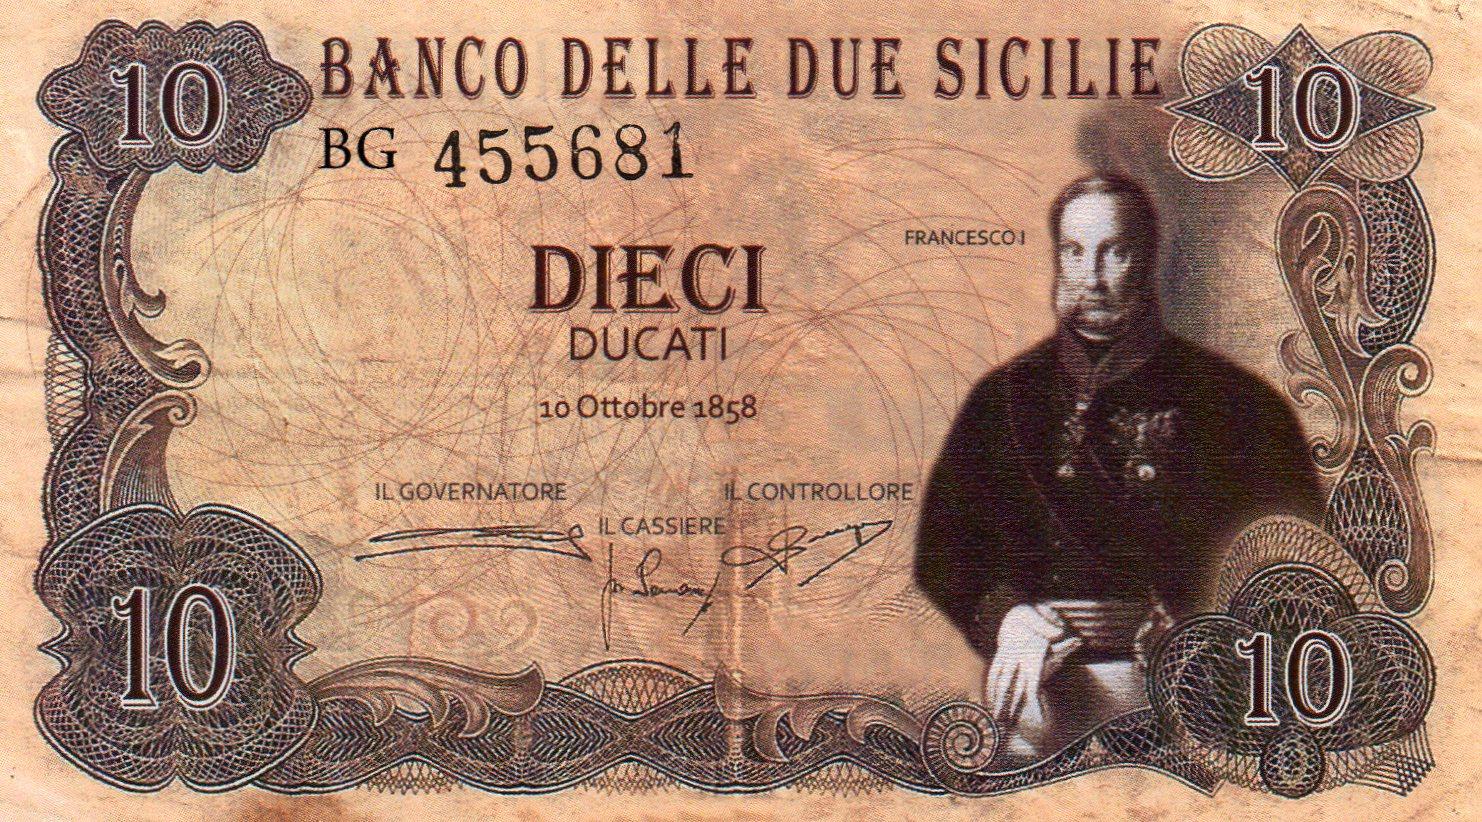 Quando il Banco delle Due Sicilie era la terza Banca europea!